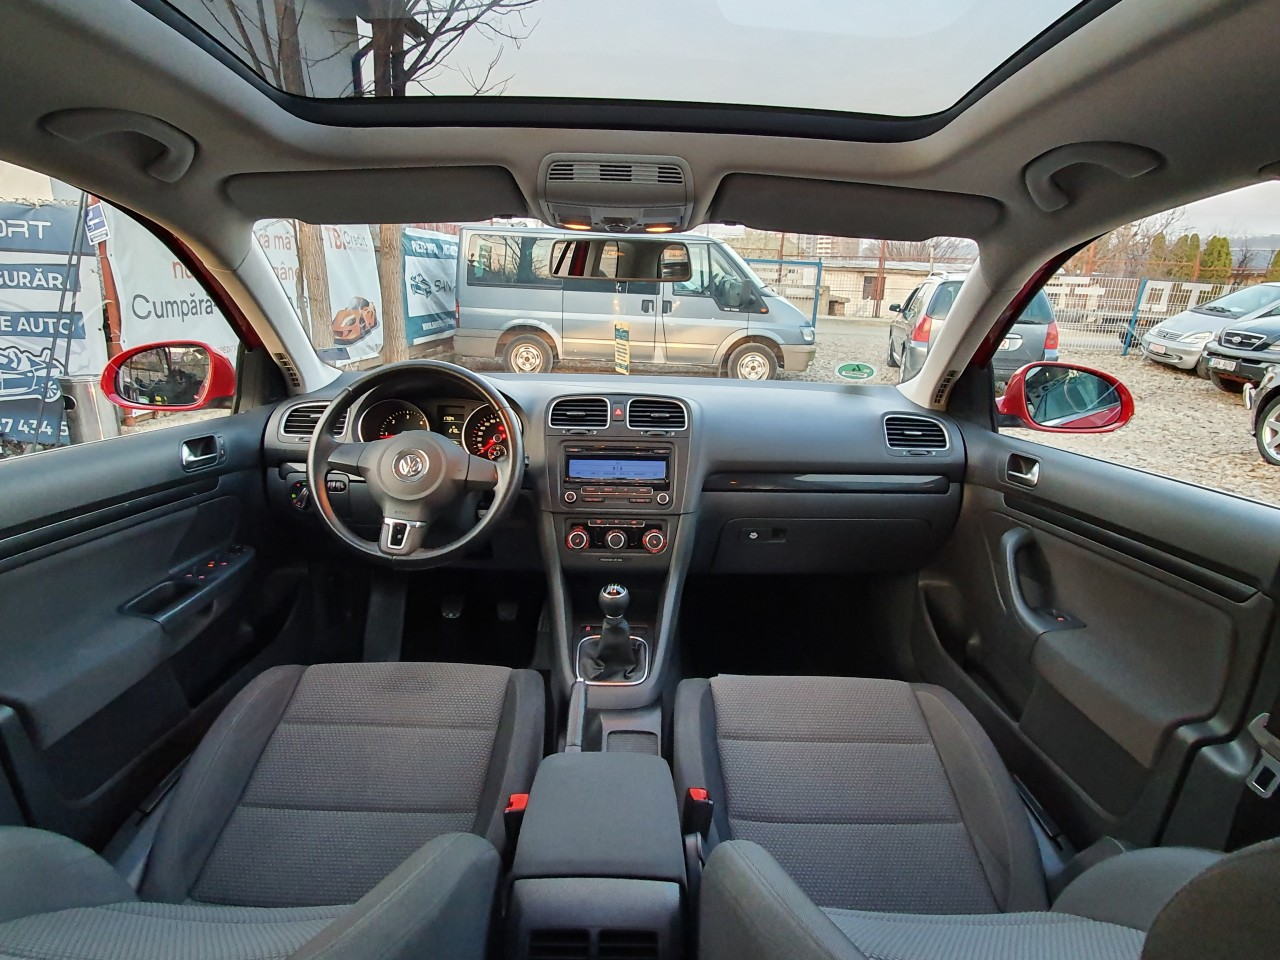 VW Golf 1.6 TDI 2010